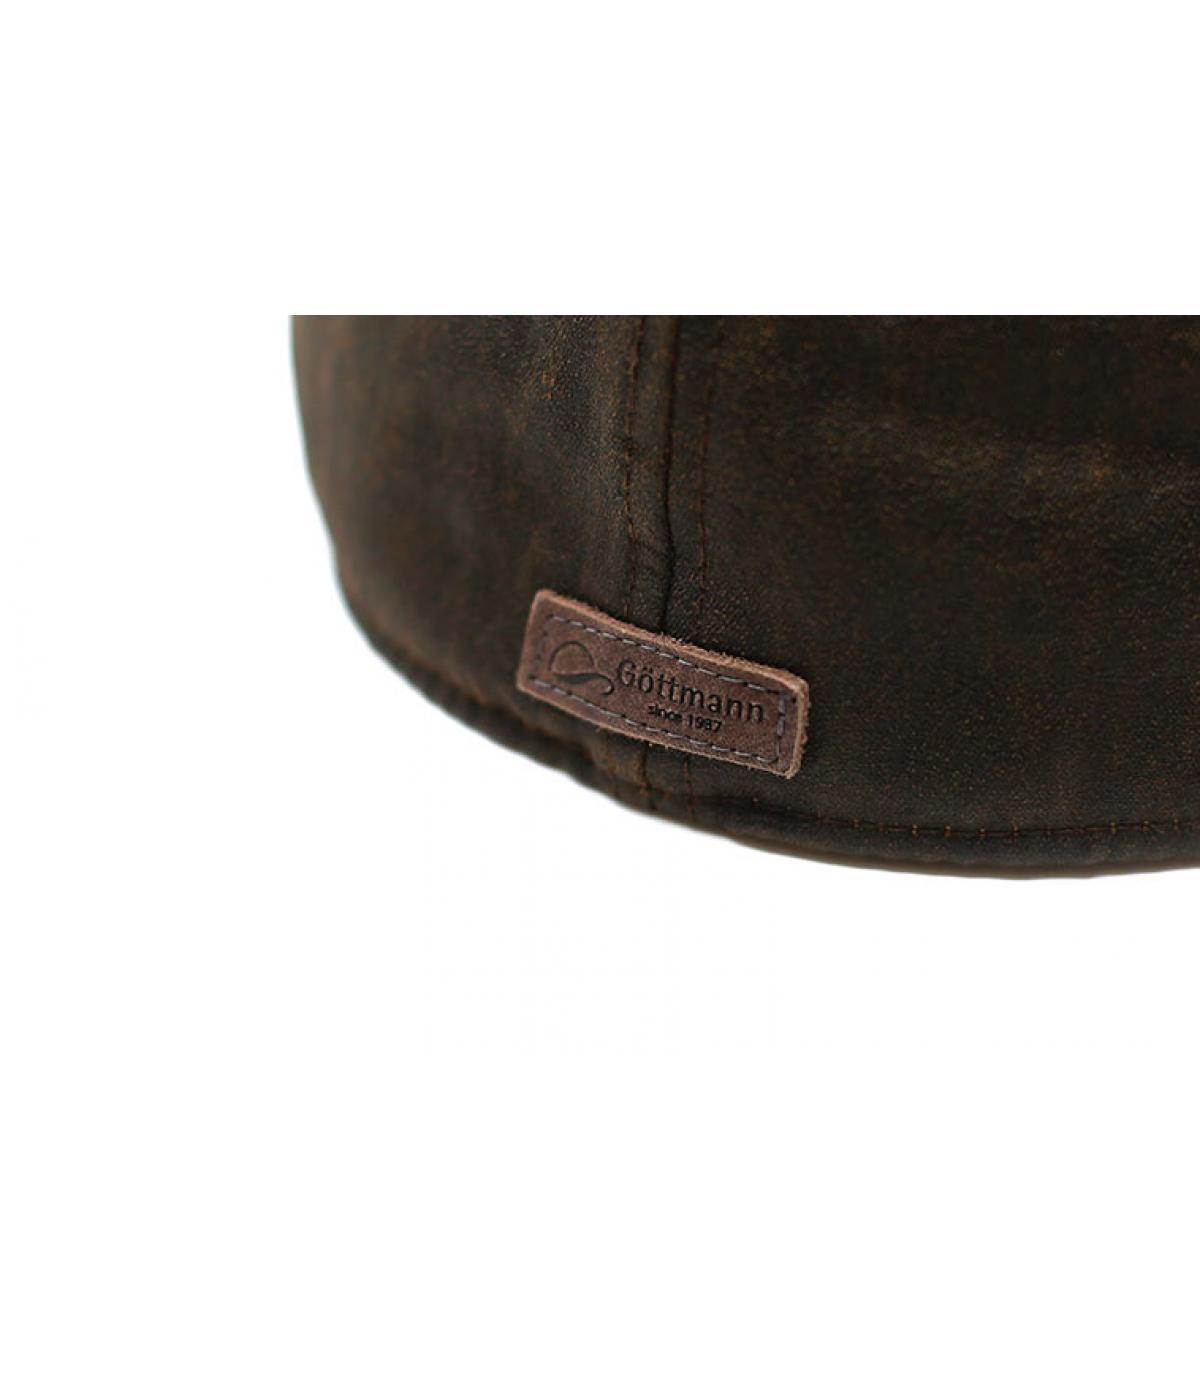 Détails Brentford cotton brown - image 3